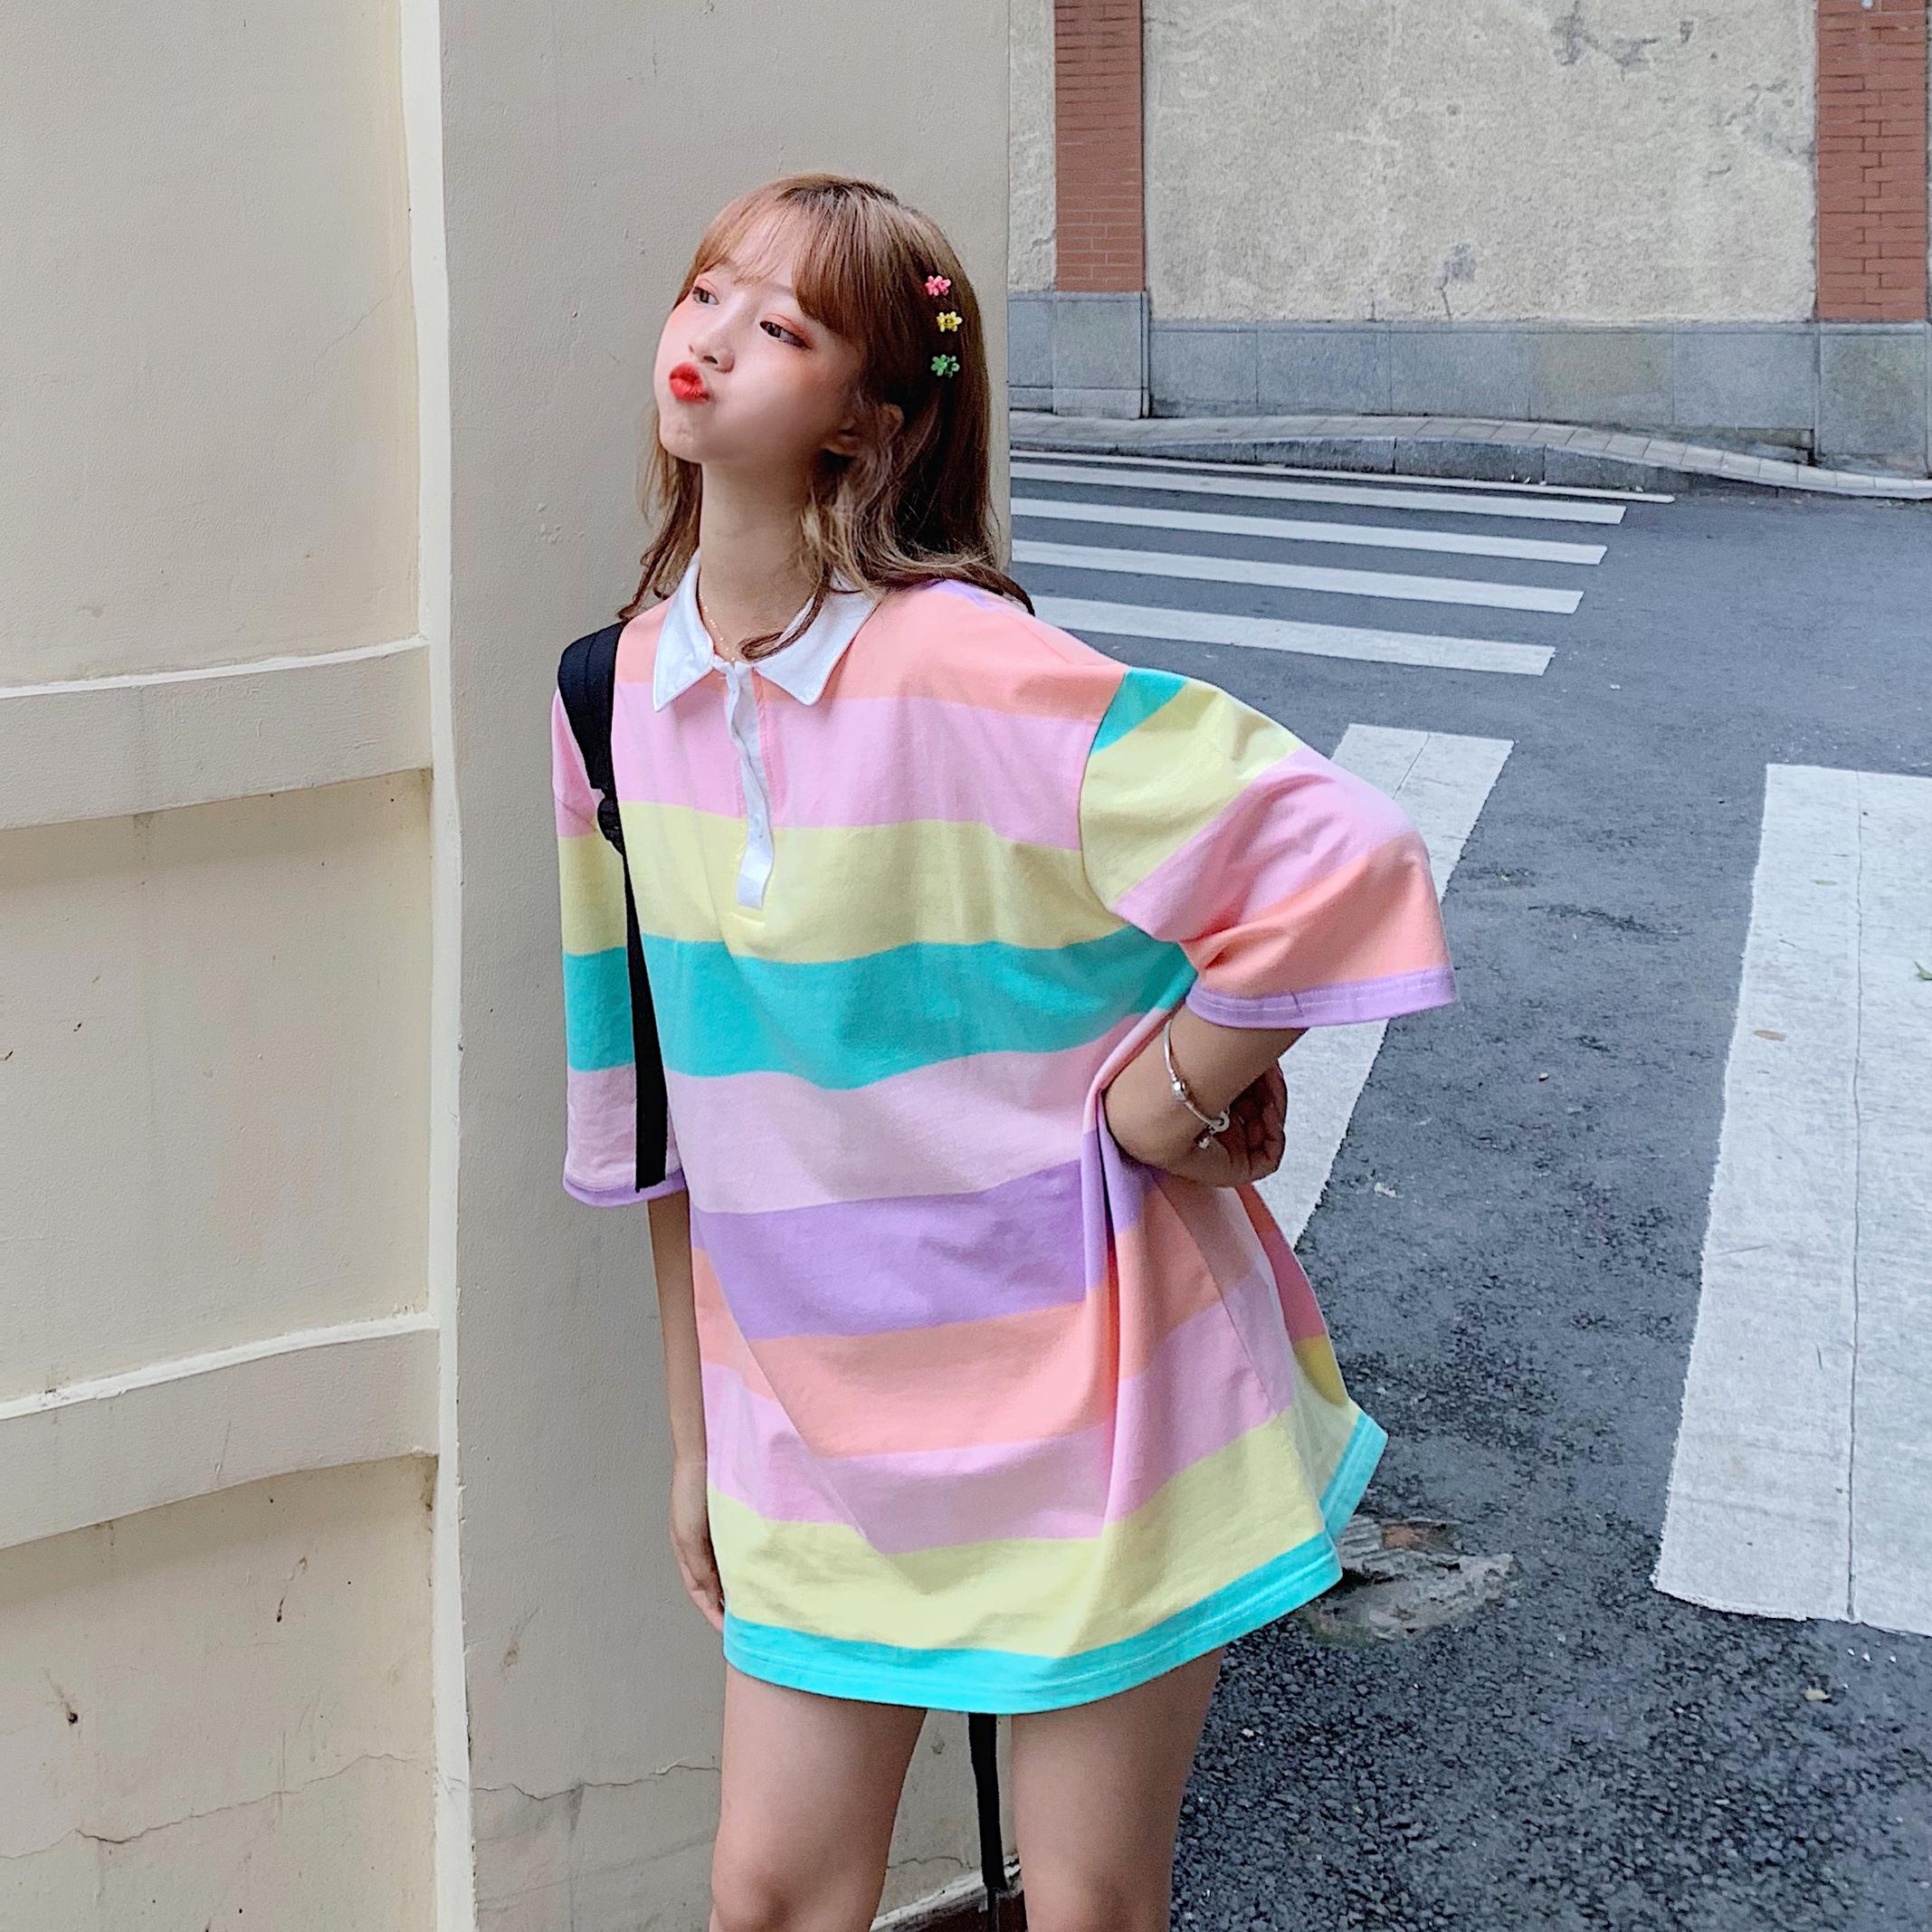 控+5 实拍实价夏小清新女彩虹条纹POLO领宽松短袖中长T恤裙